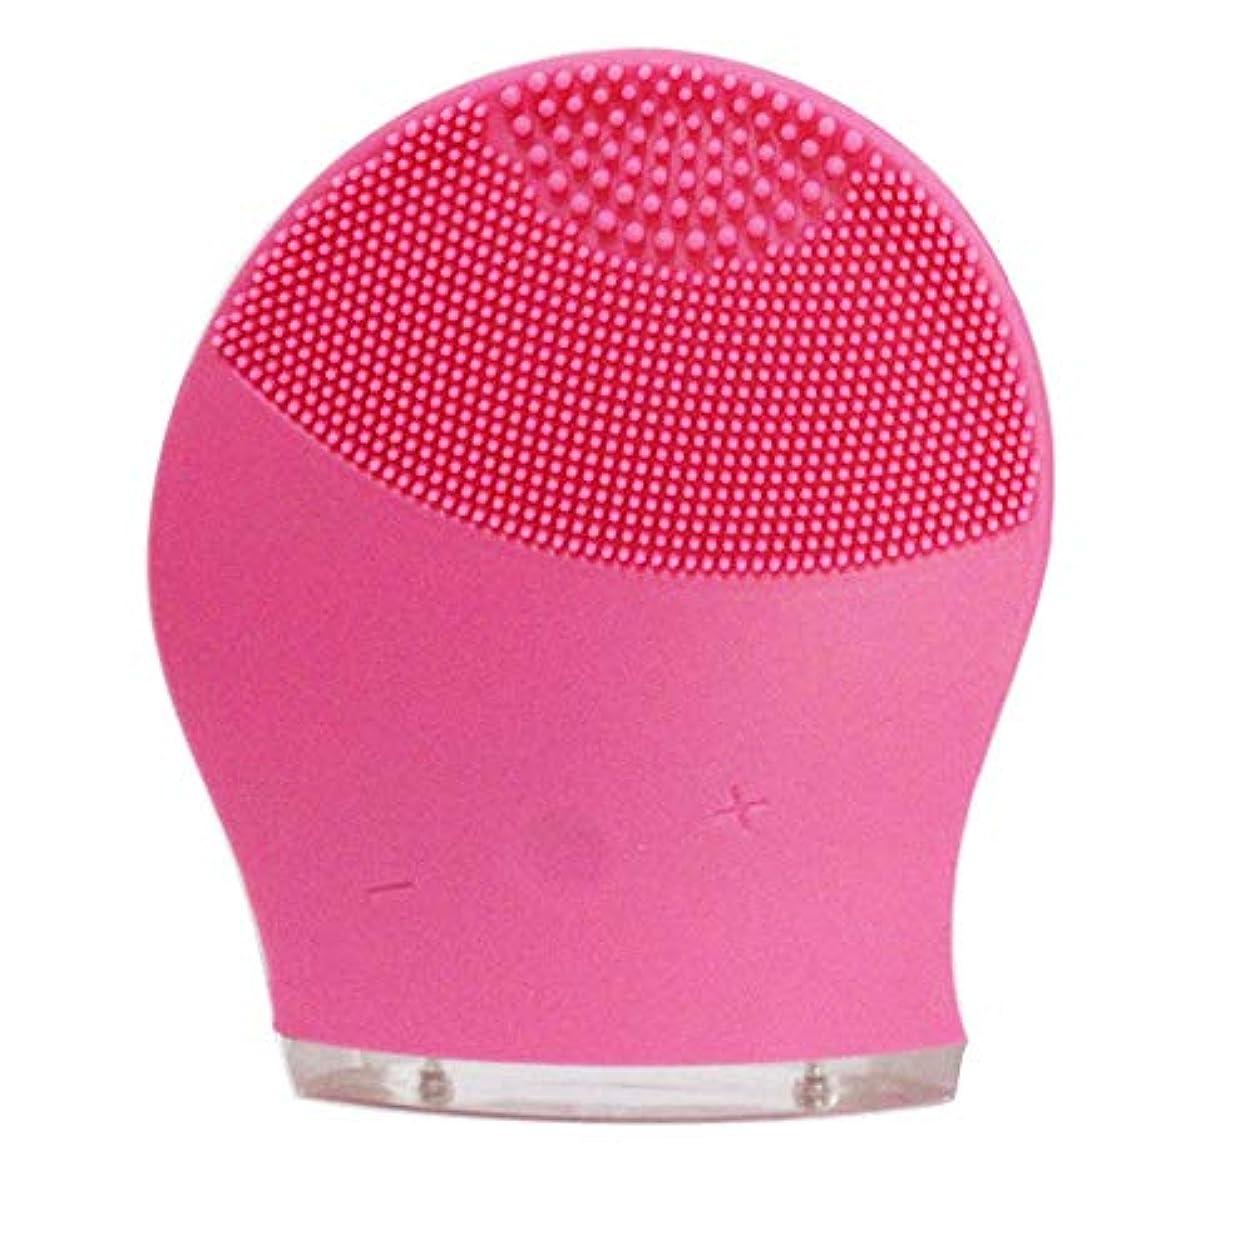 反乱青写真くそーZXF 新電気洗浄器シリコーン洗浄器超音波振動洗浄ブラシUSB充電毛穴洗浄 滑らかである (色 : Red)